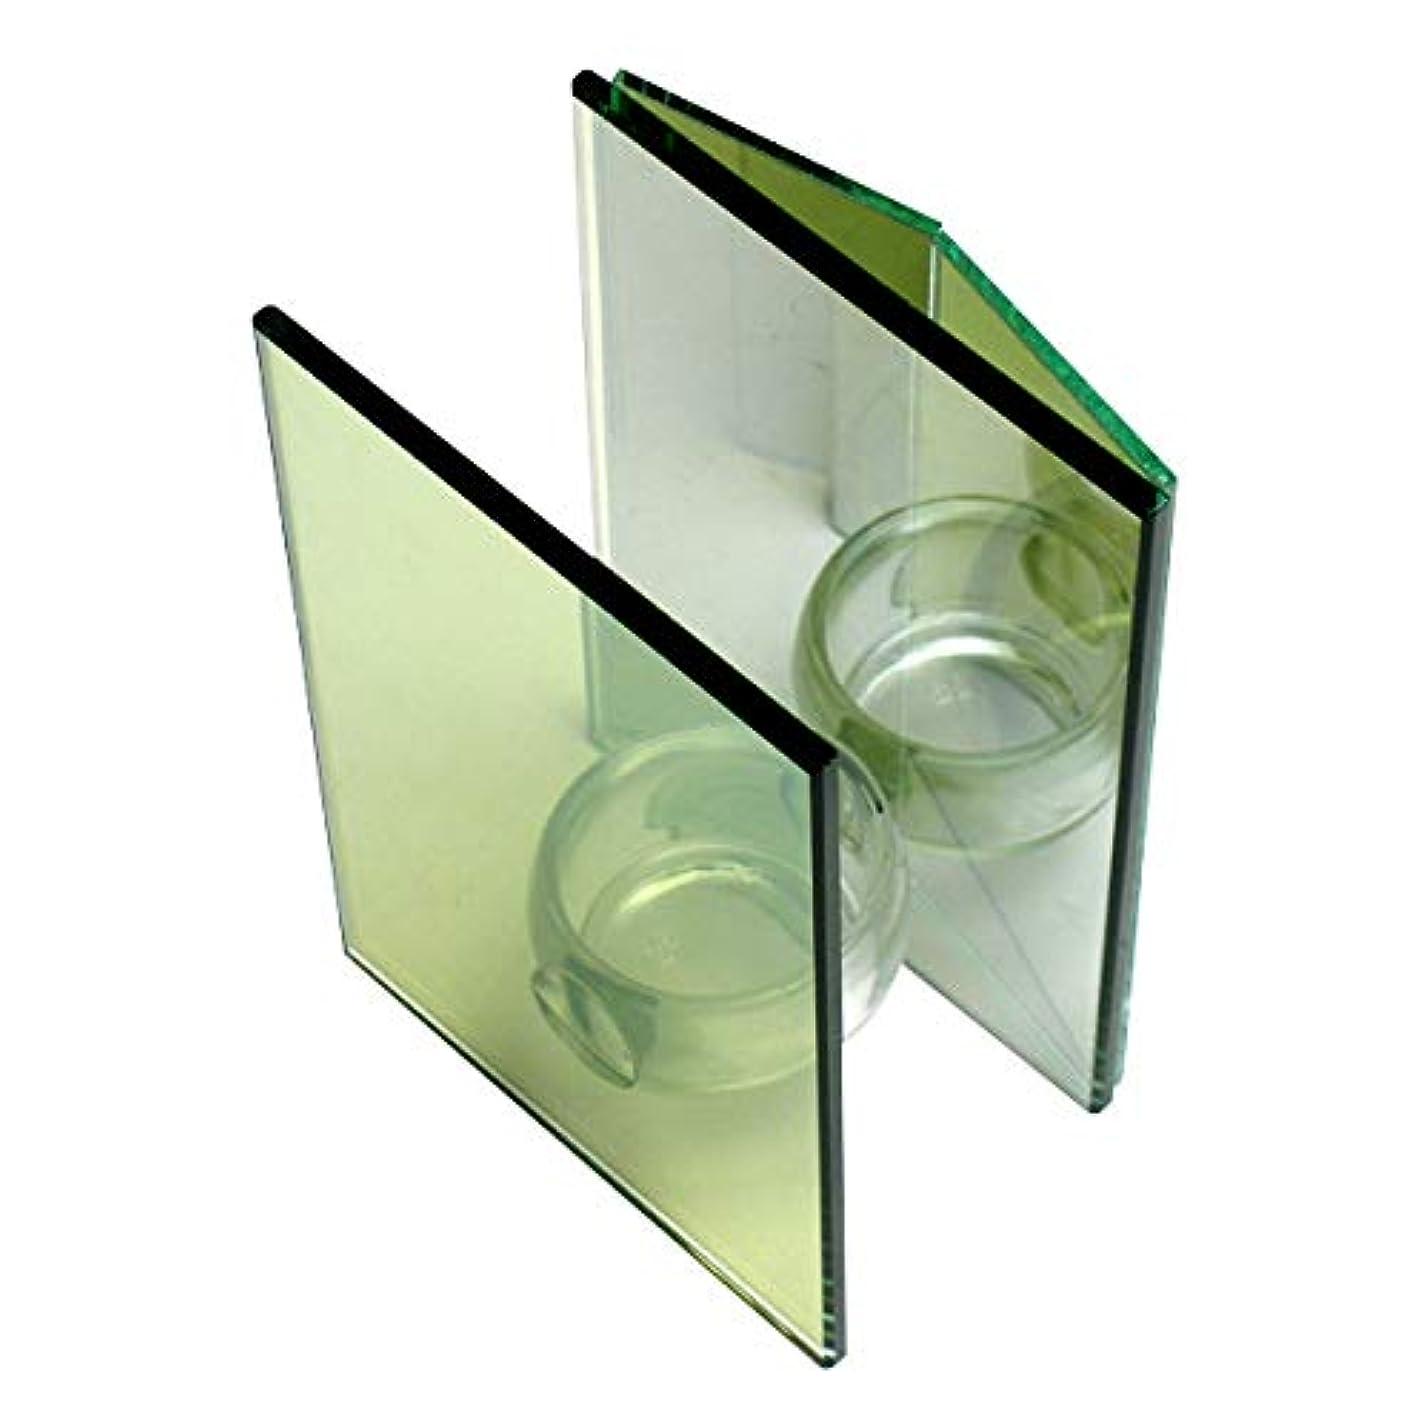 エイリアス脅迫補充無限連鎖キャンドルホルダー ダブルミラー ガラス キャンドルスタンド ランタン 誕生日 ティーライトキャンドル